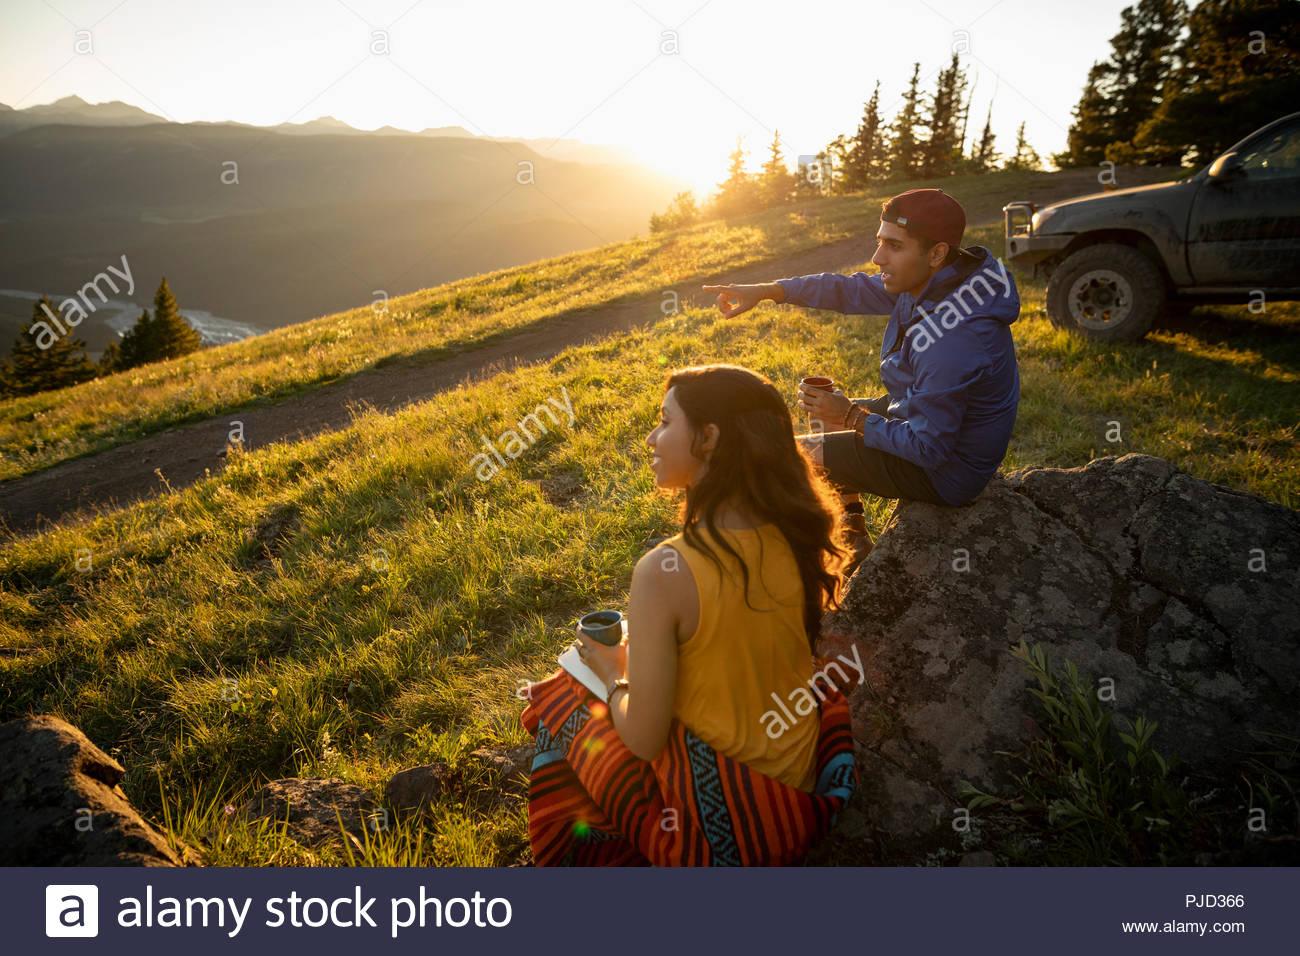 Paar Kaffee trinken an sonnigen, idyllischen Berg Hang, Alberta, Kanada Stockbild